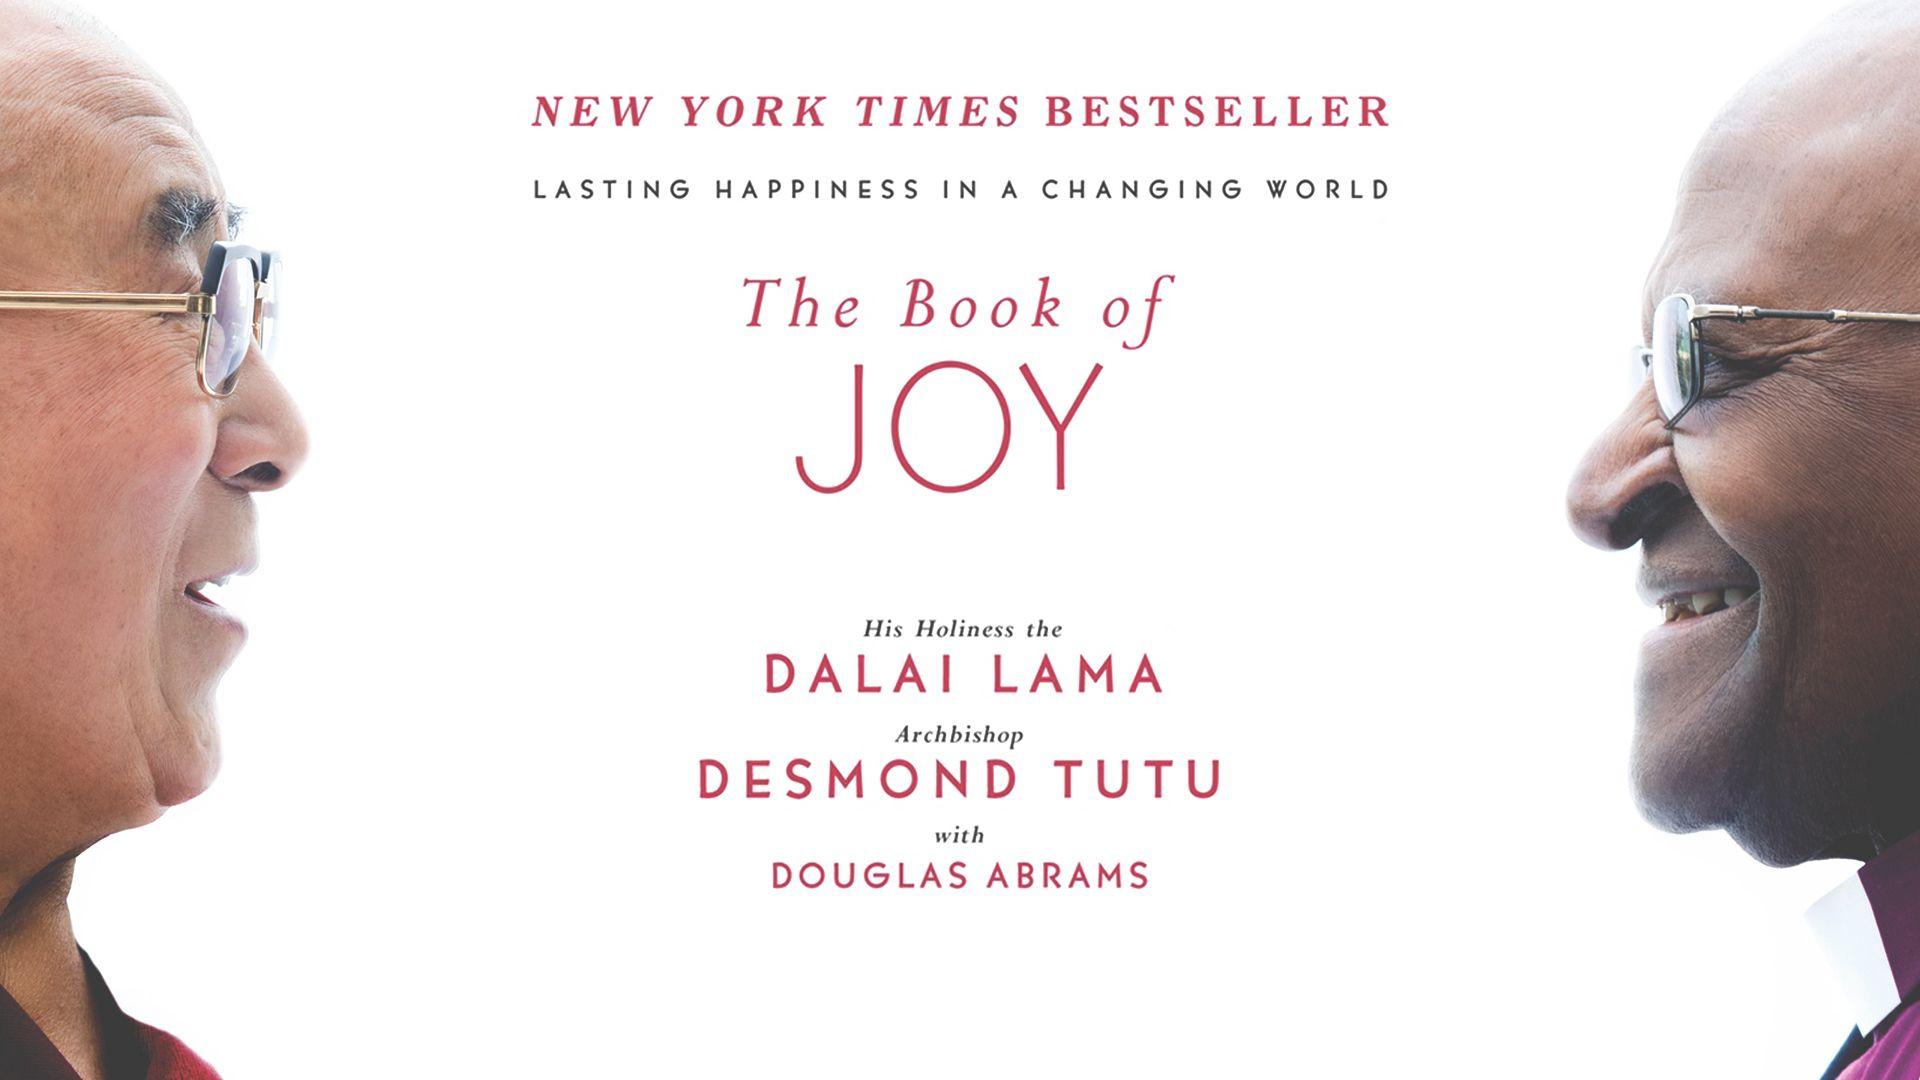 Dalai Lama Book Science And Philosophy